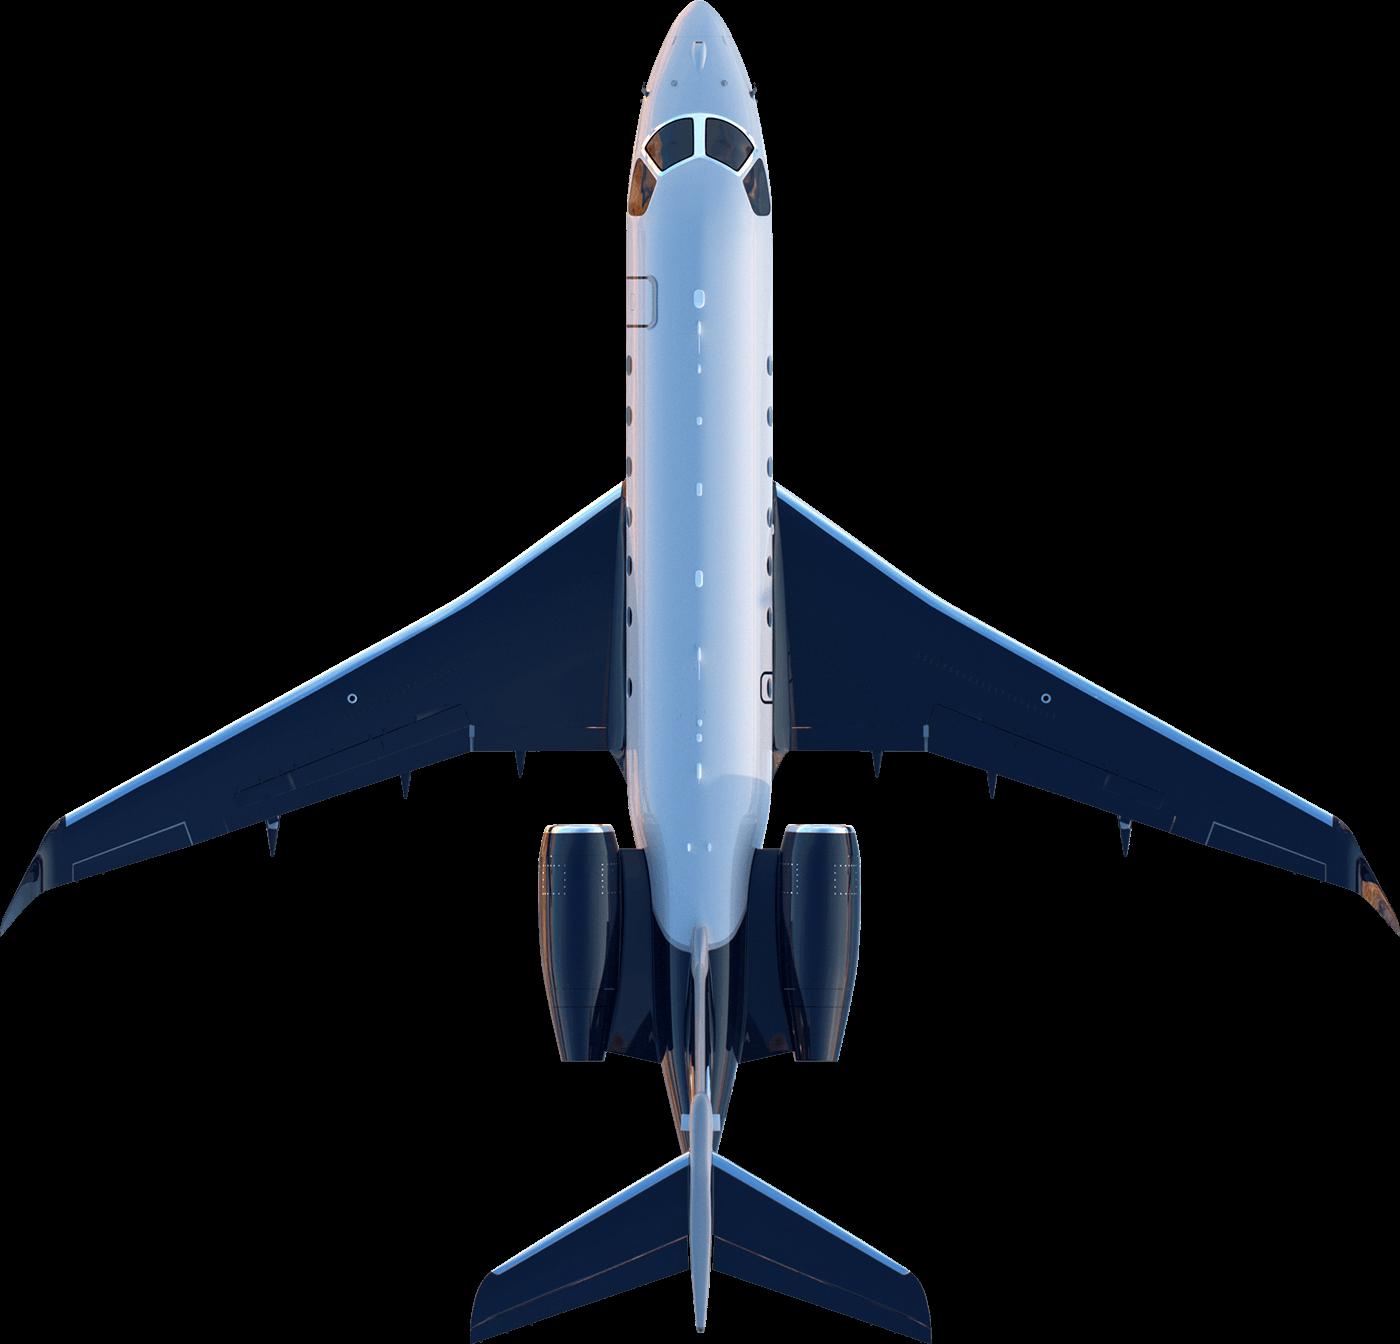 Resultado de imagen para Embraer Praetor png